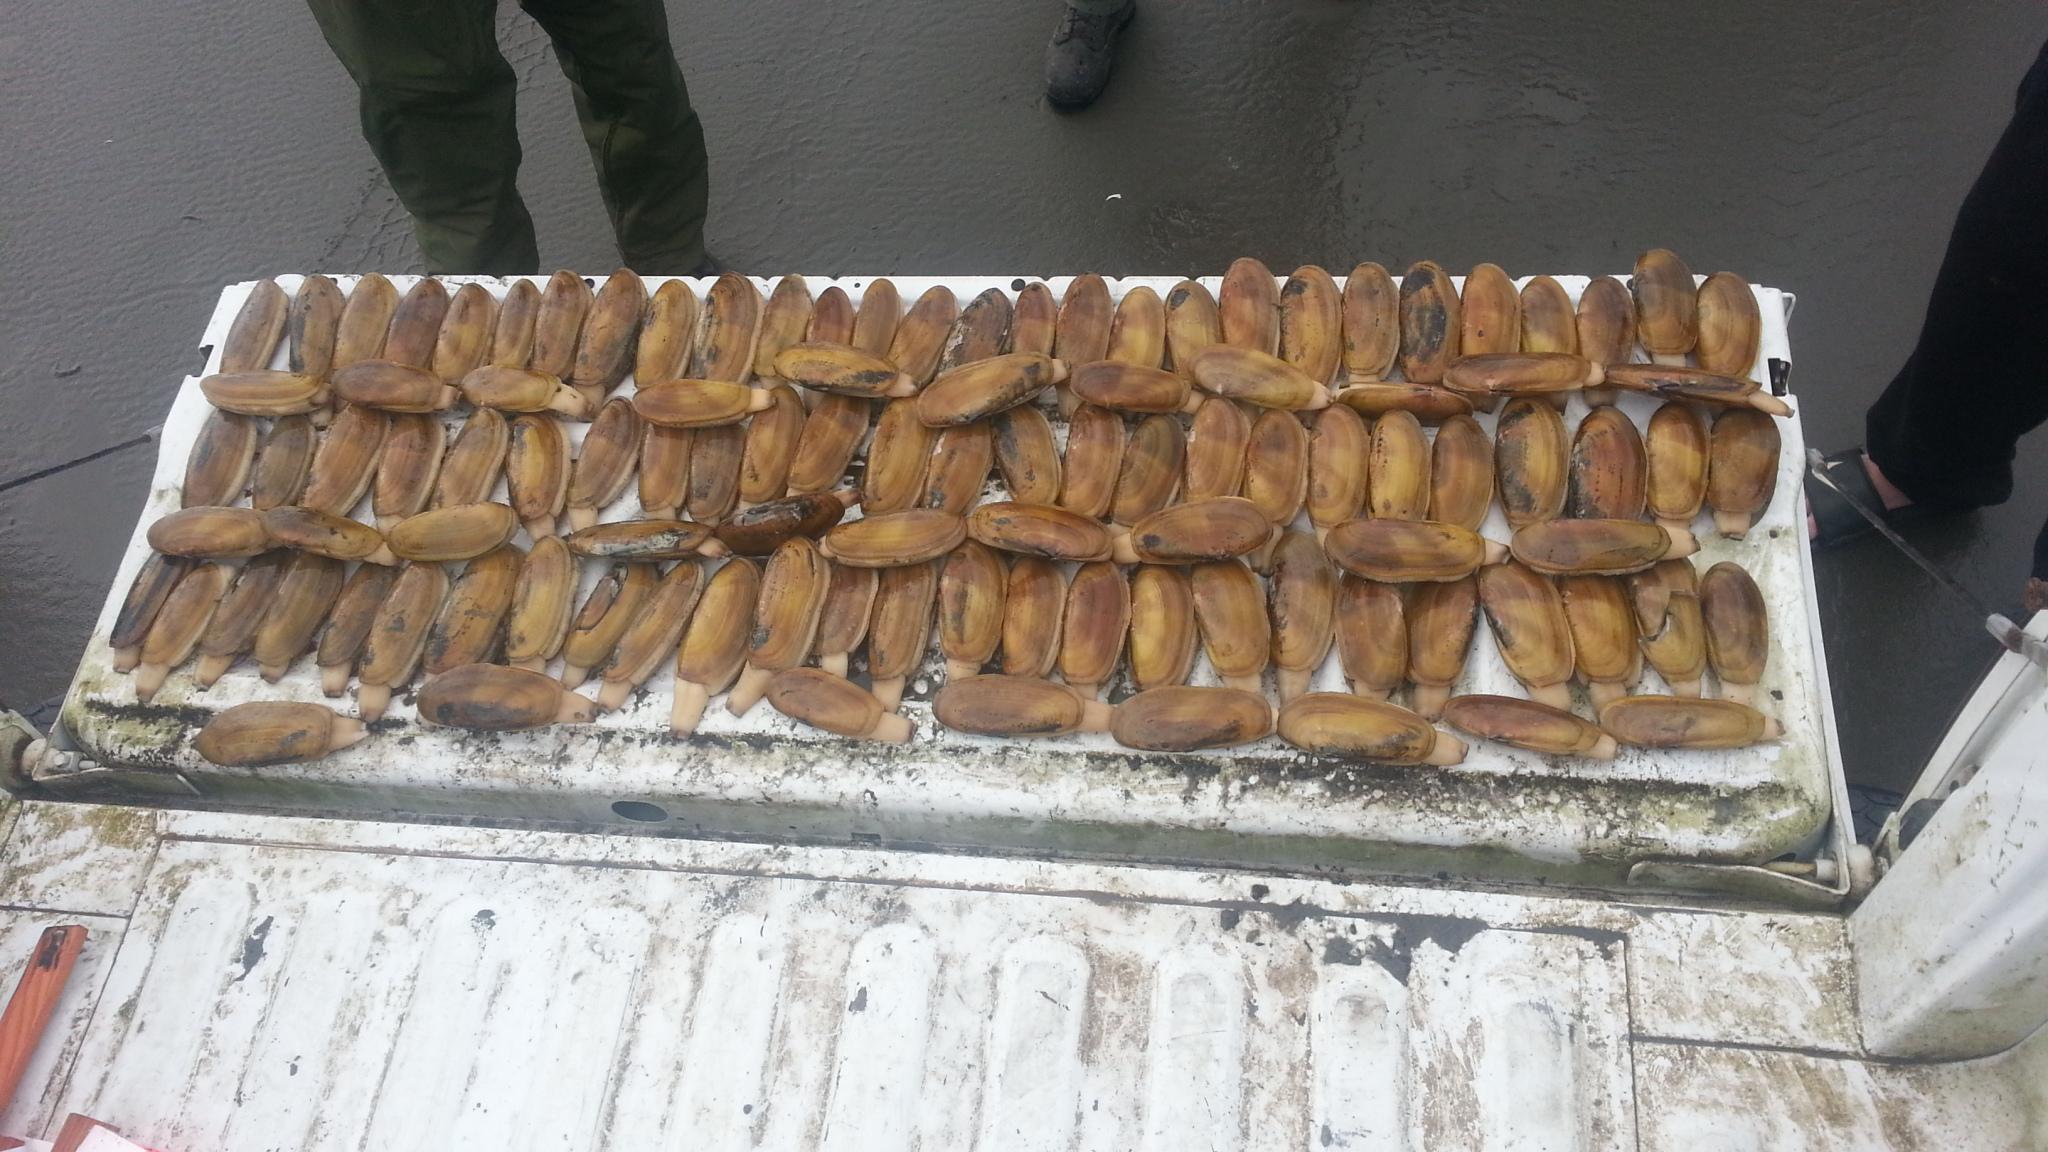 Razor Clam seizure from illegal harvest